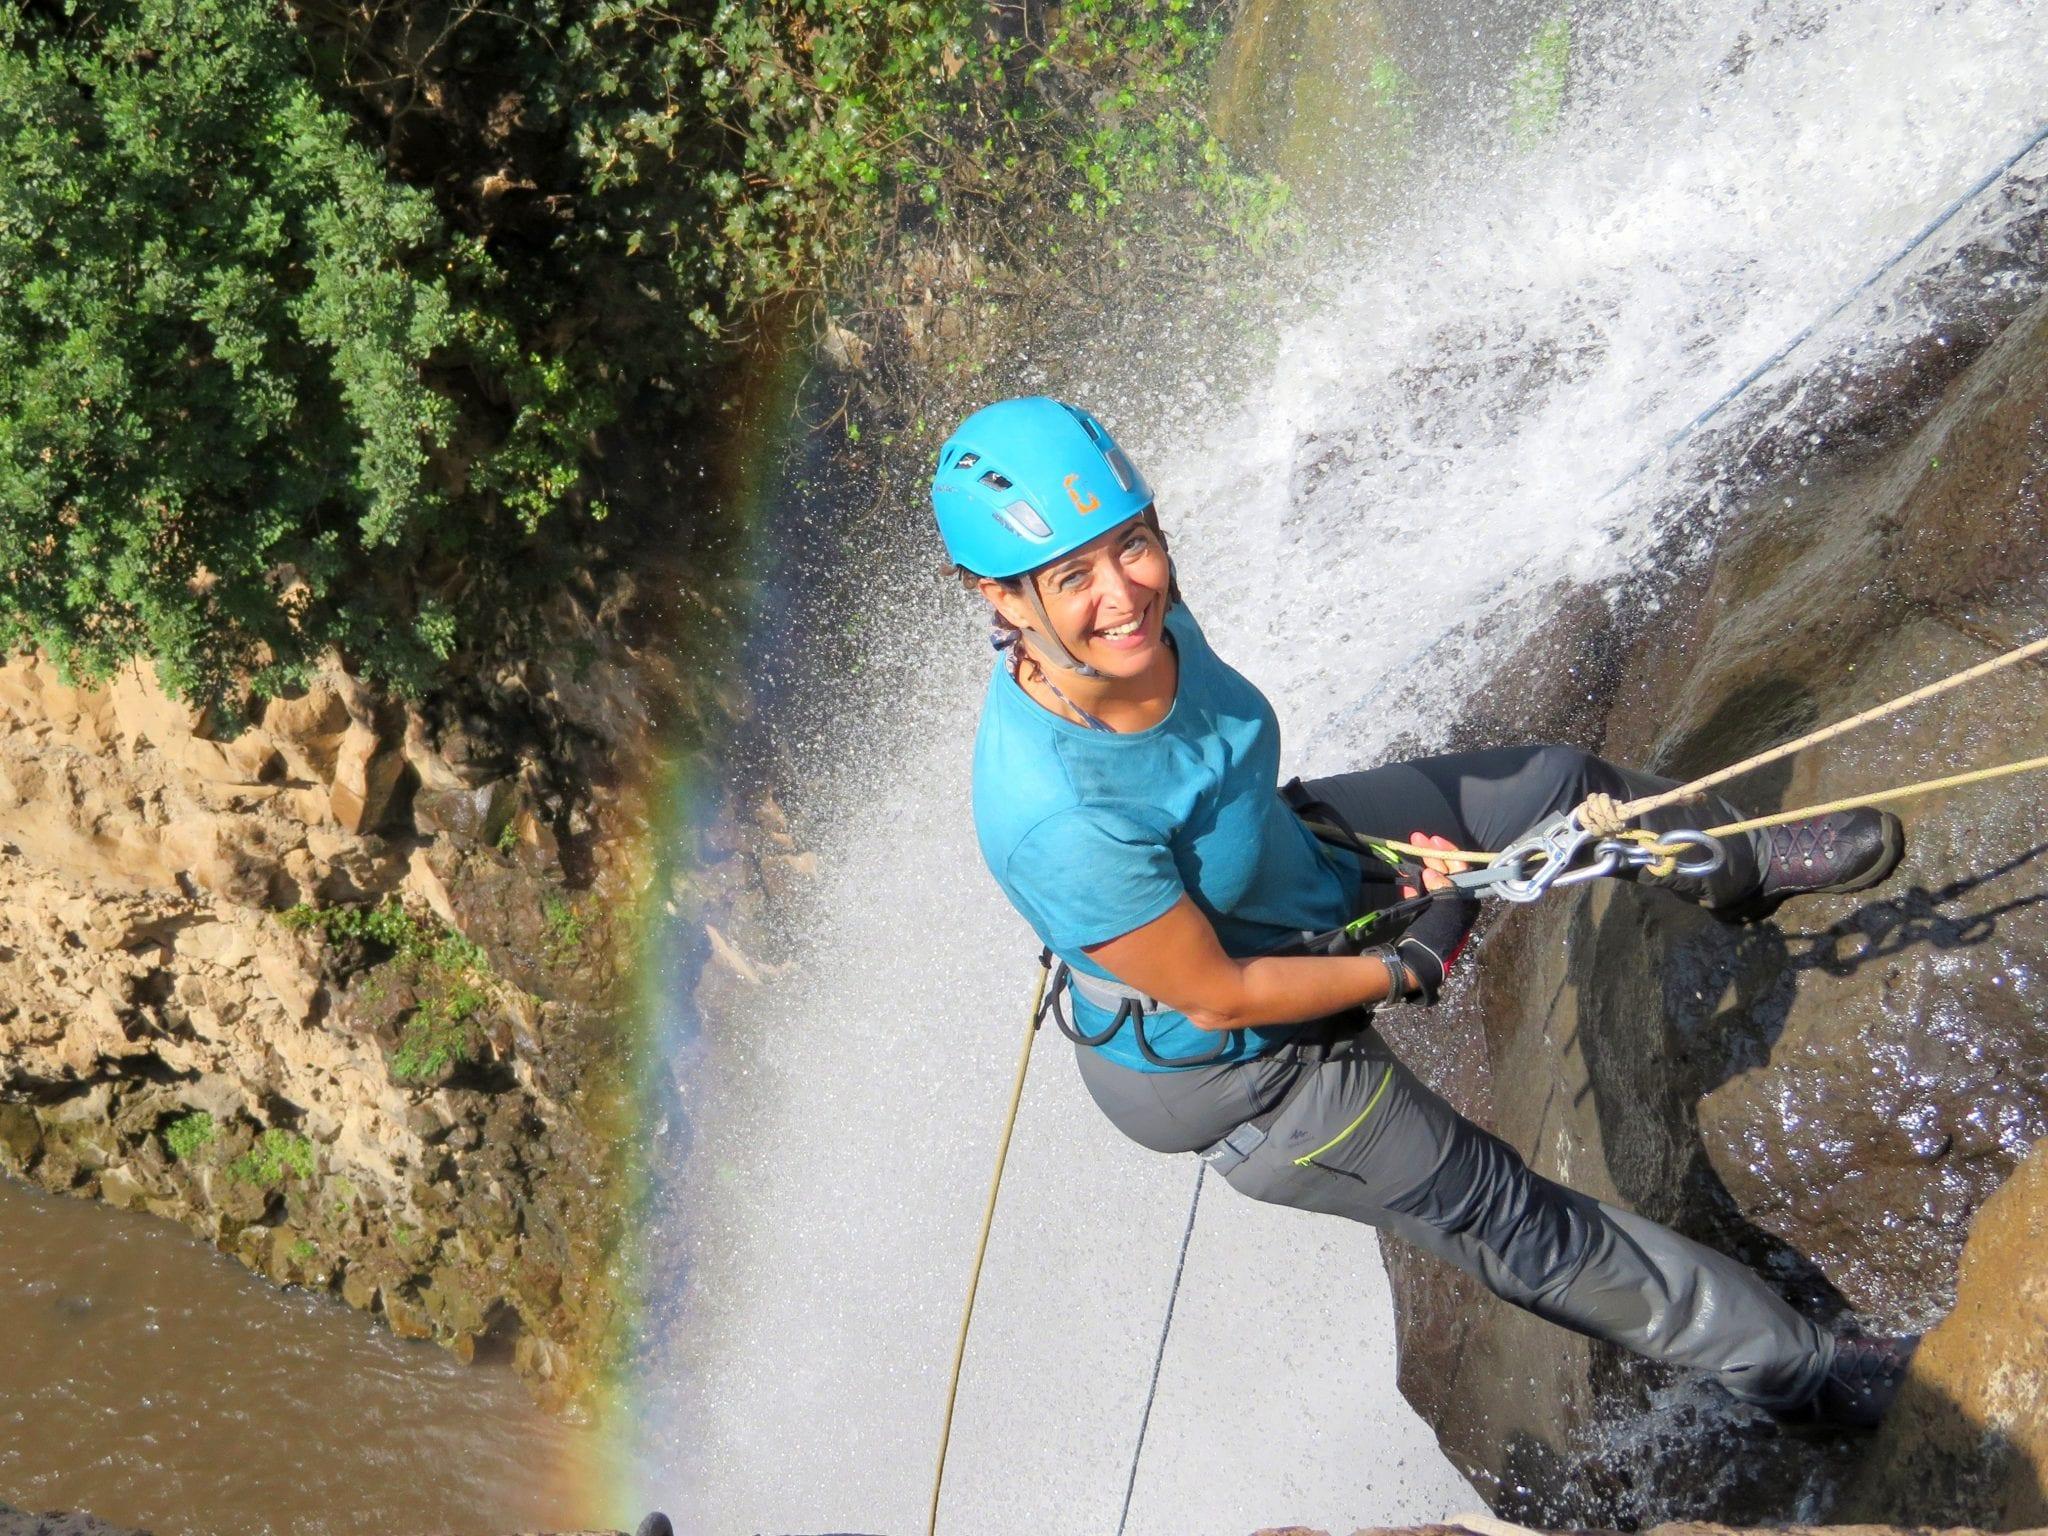 טיול סנפלינג בנחל ג'ילבון - ערוצים בטבע